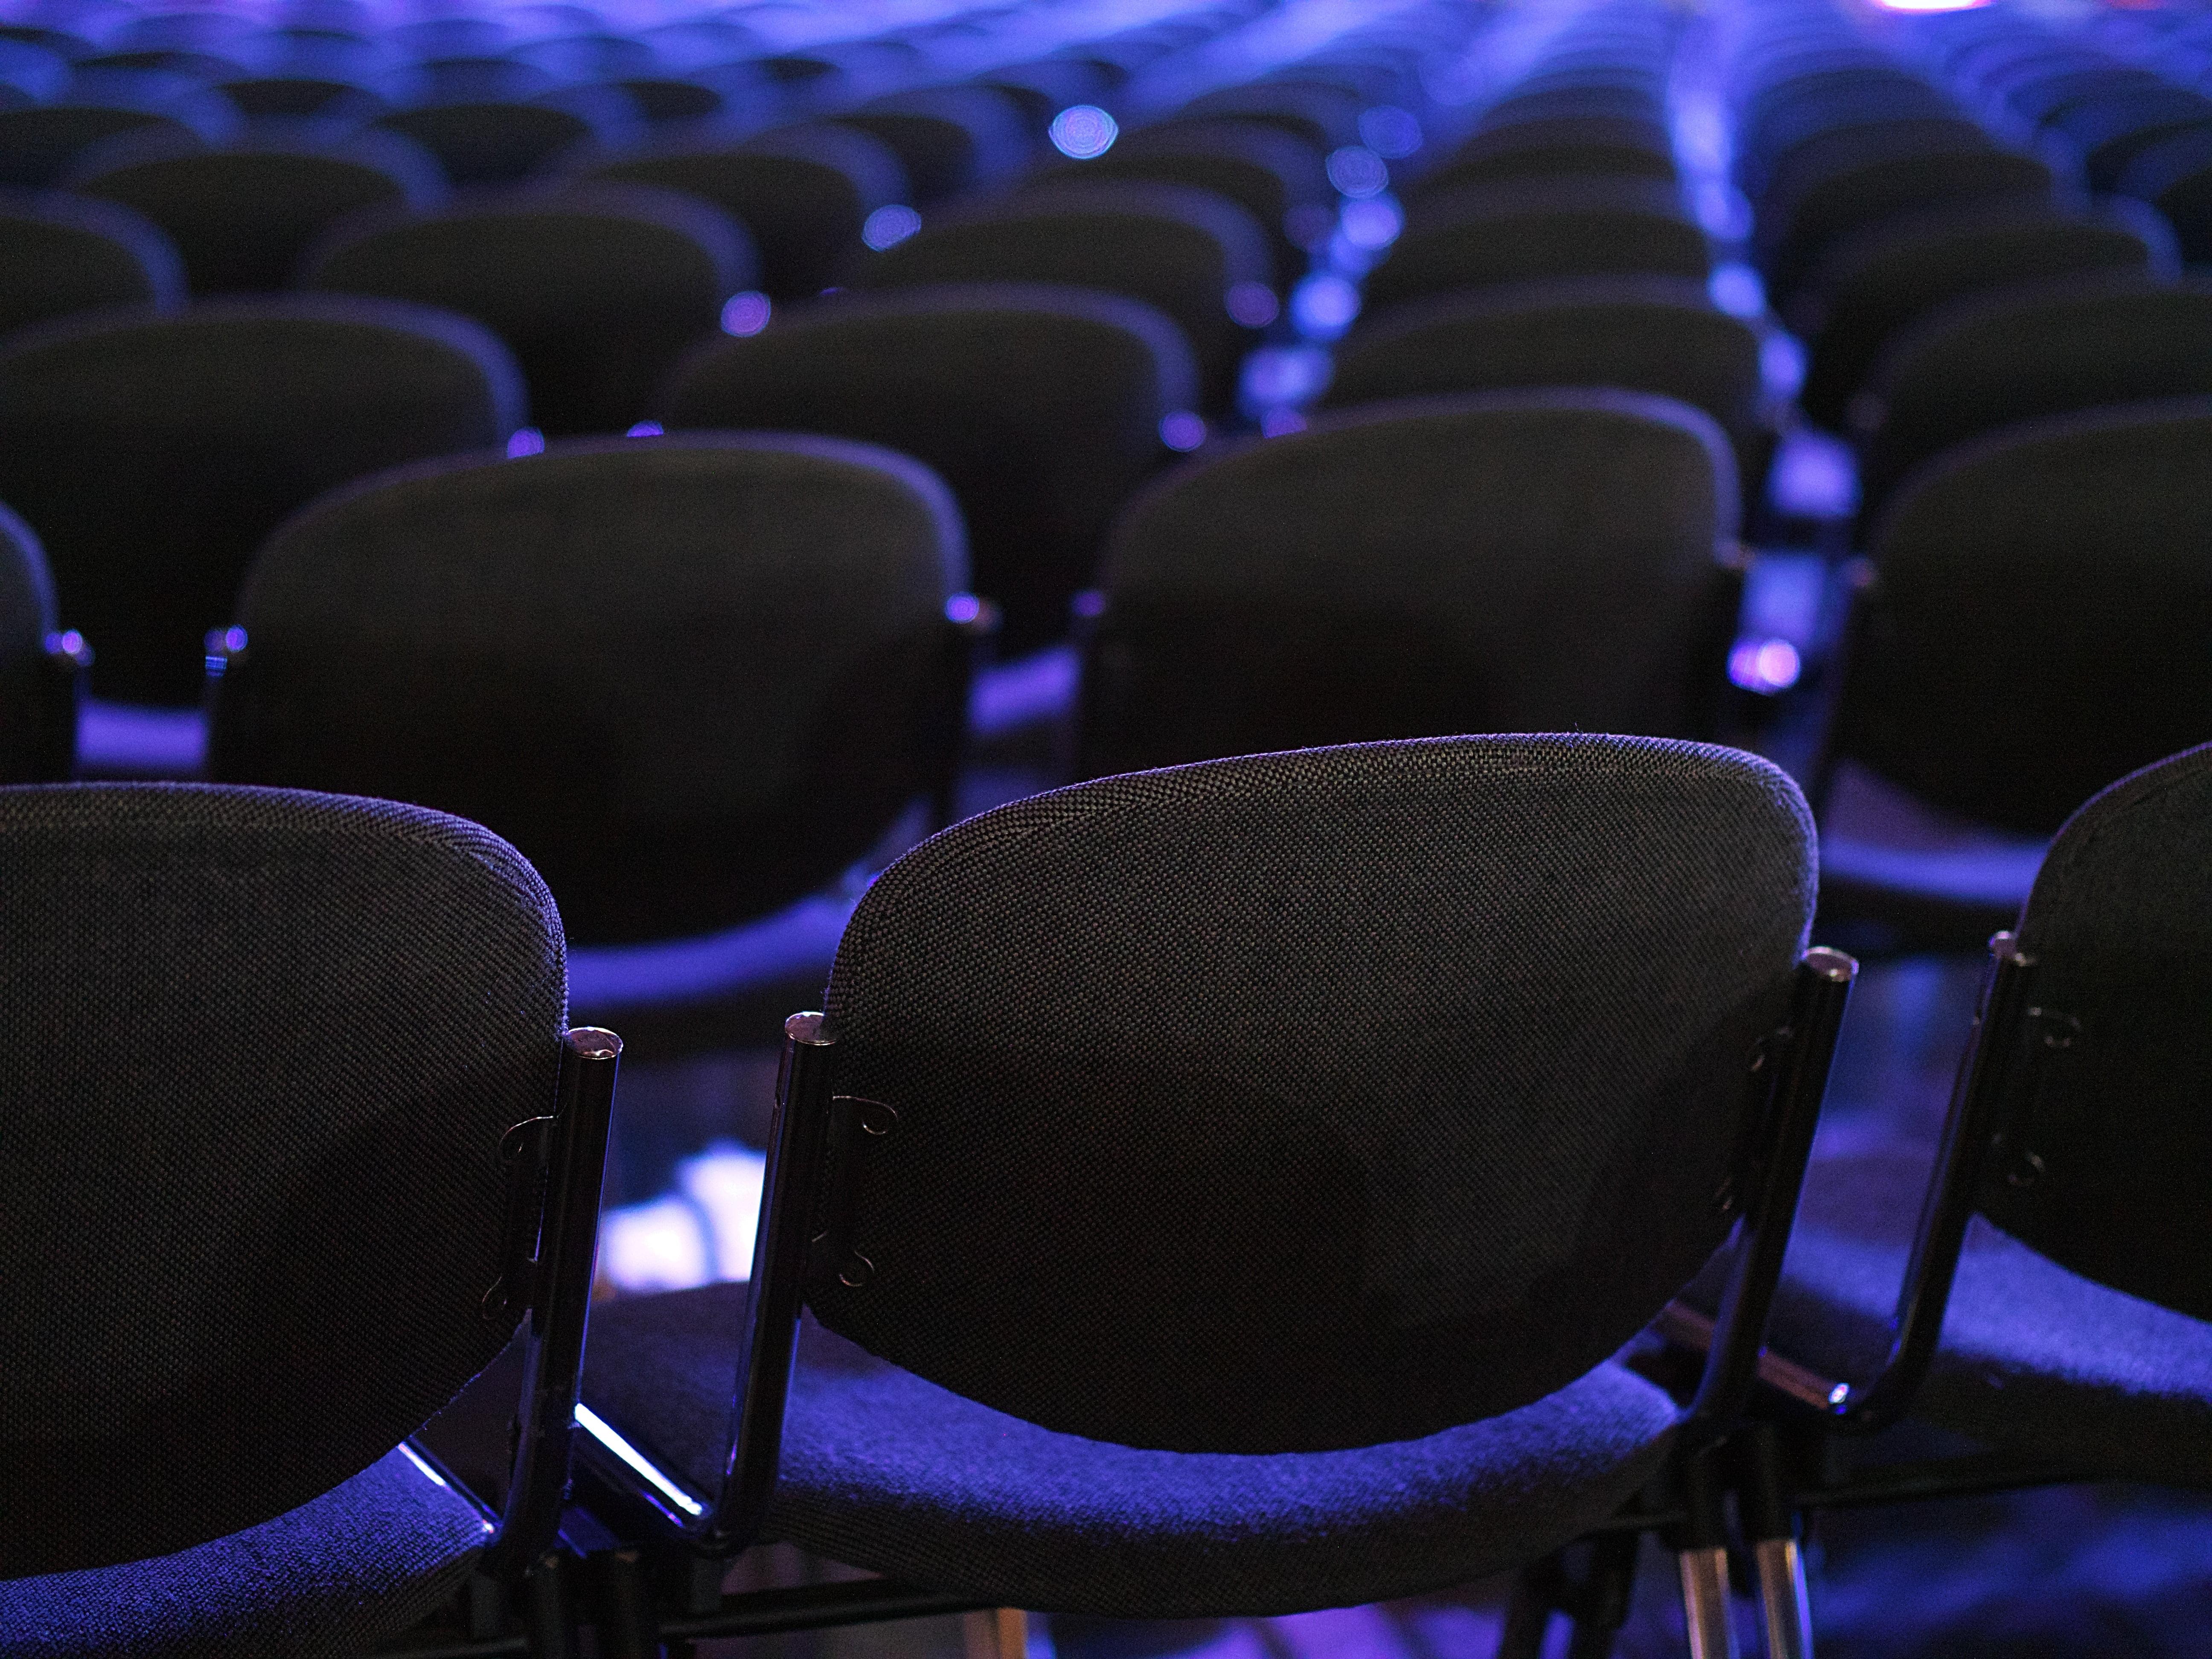 Równo ułożone krzesła podświetlone niebieskim światłem